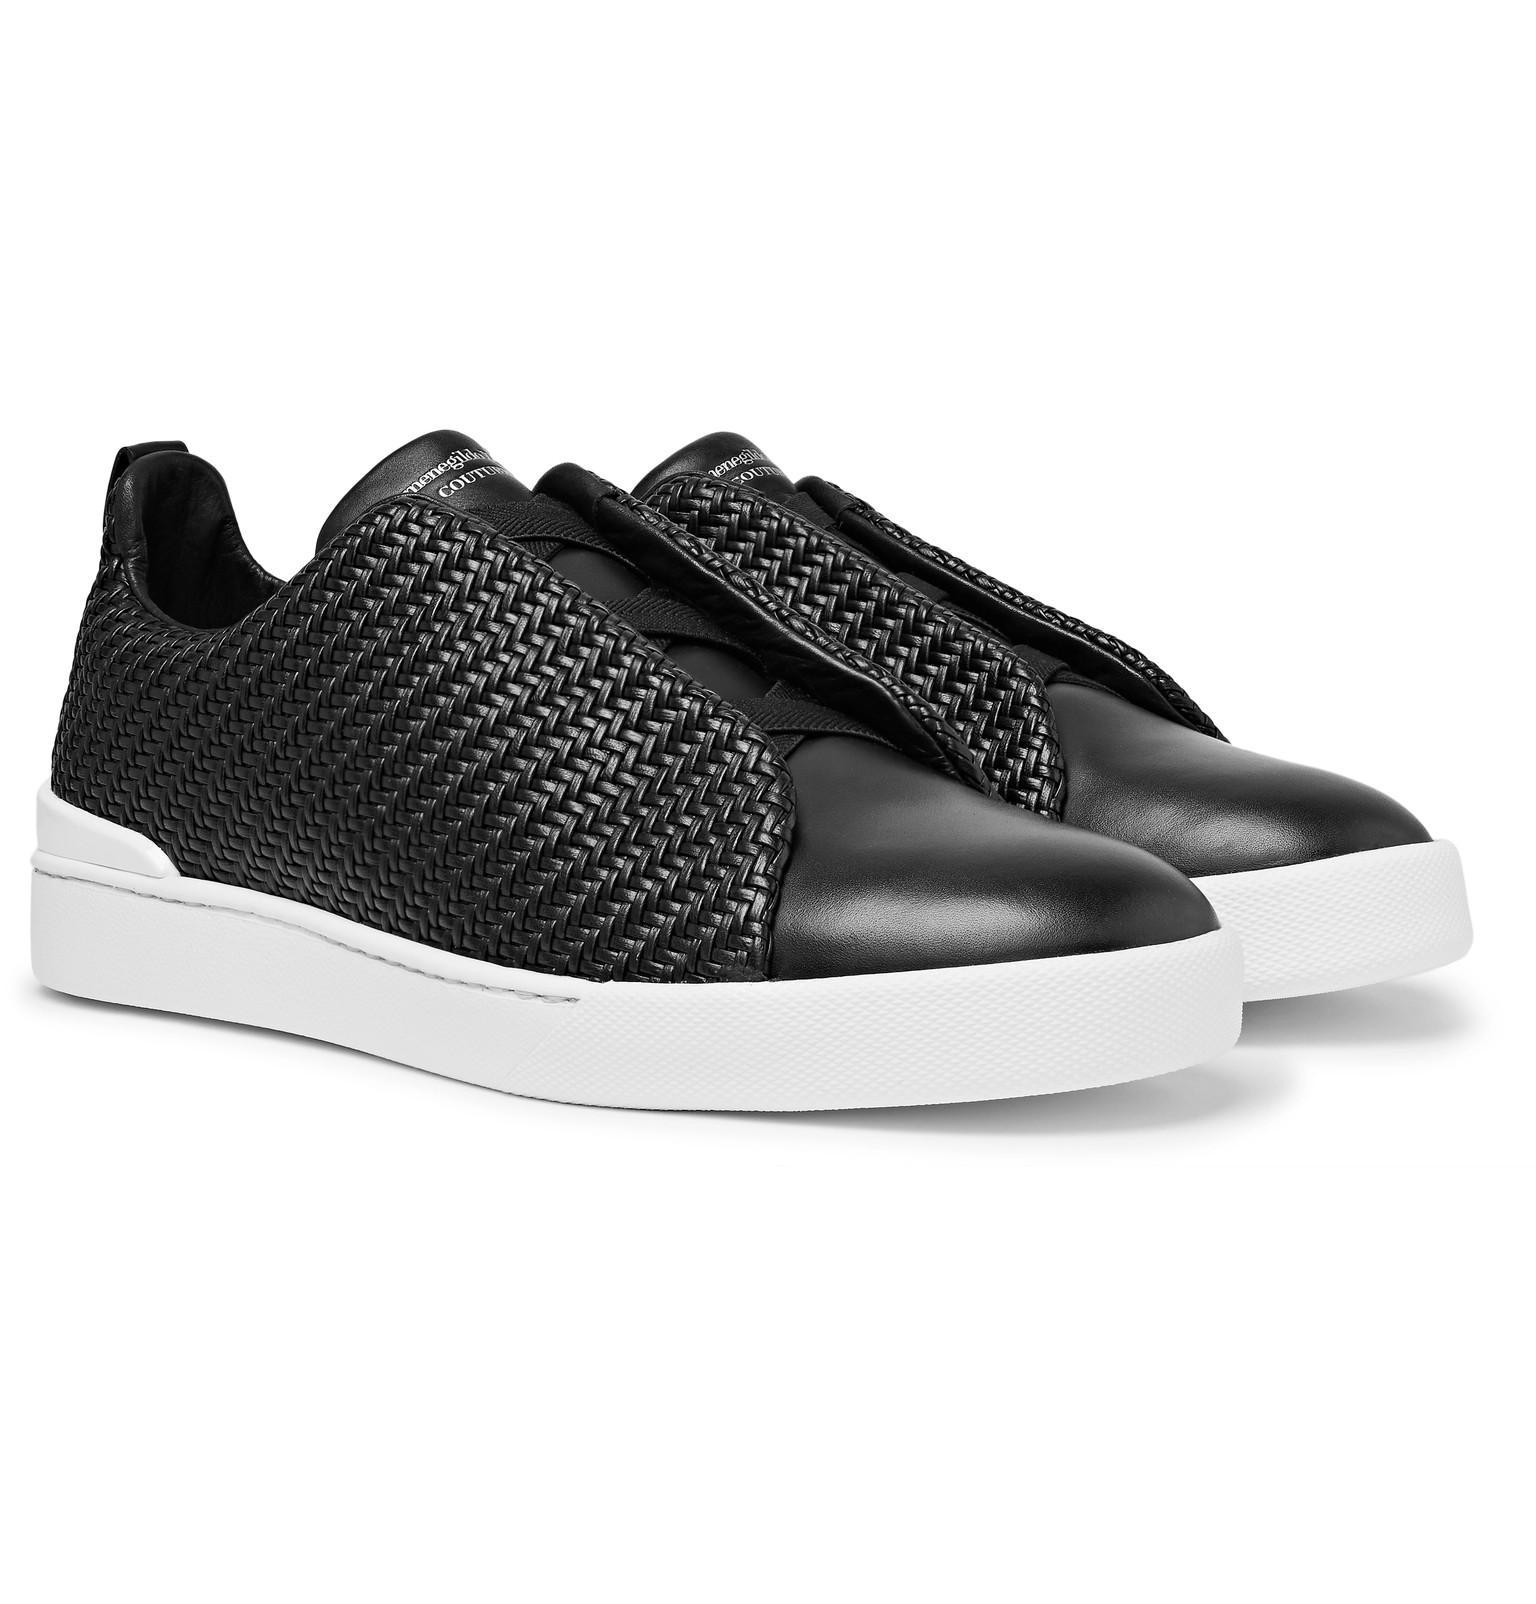 9c509e19 Ermenegildo Zegna Black Sneakers For Men On Sale for men